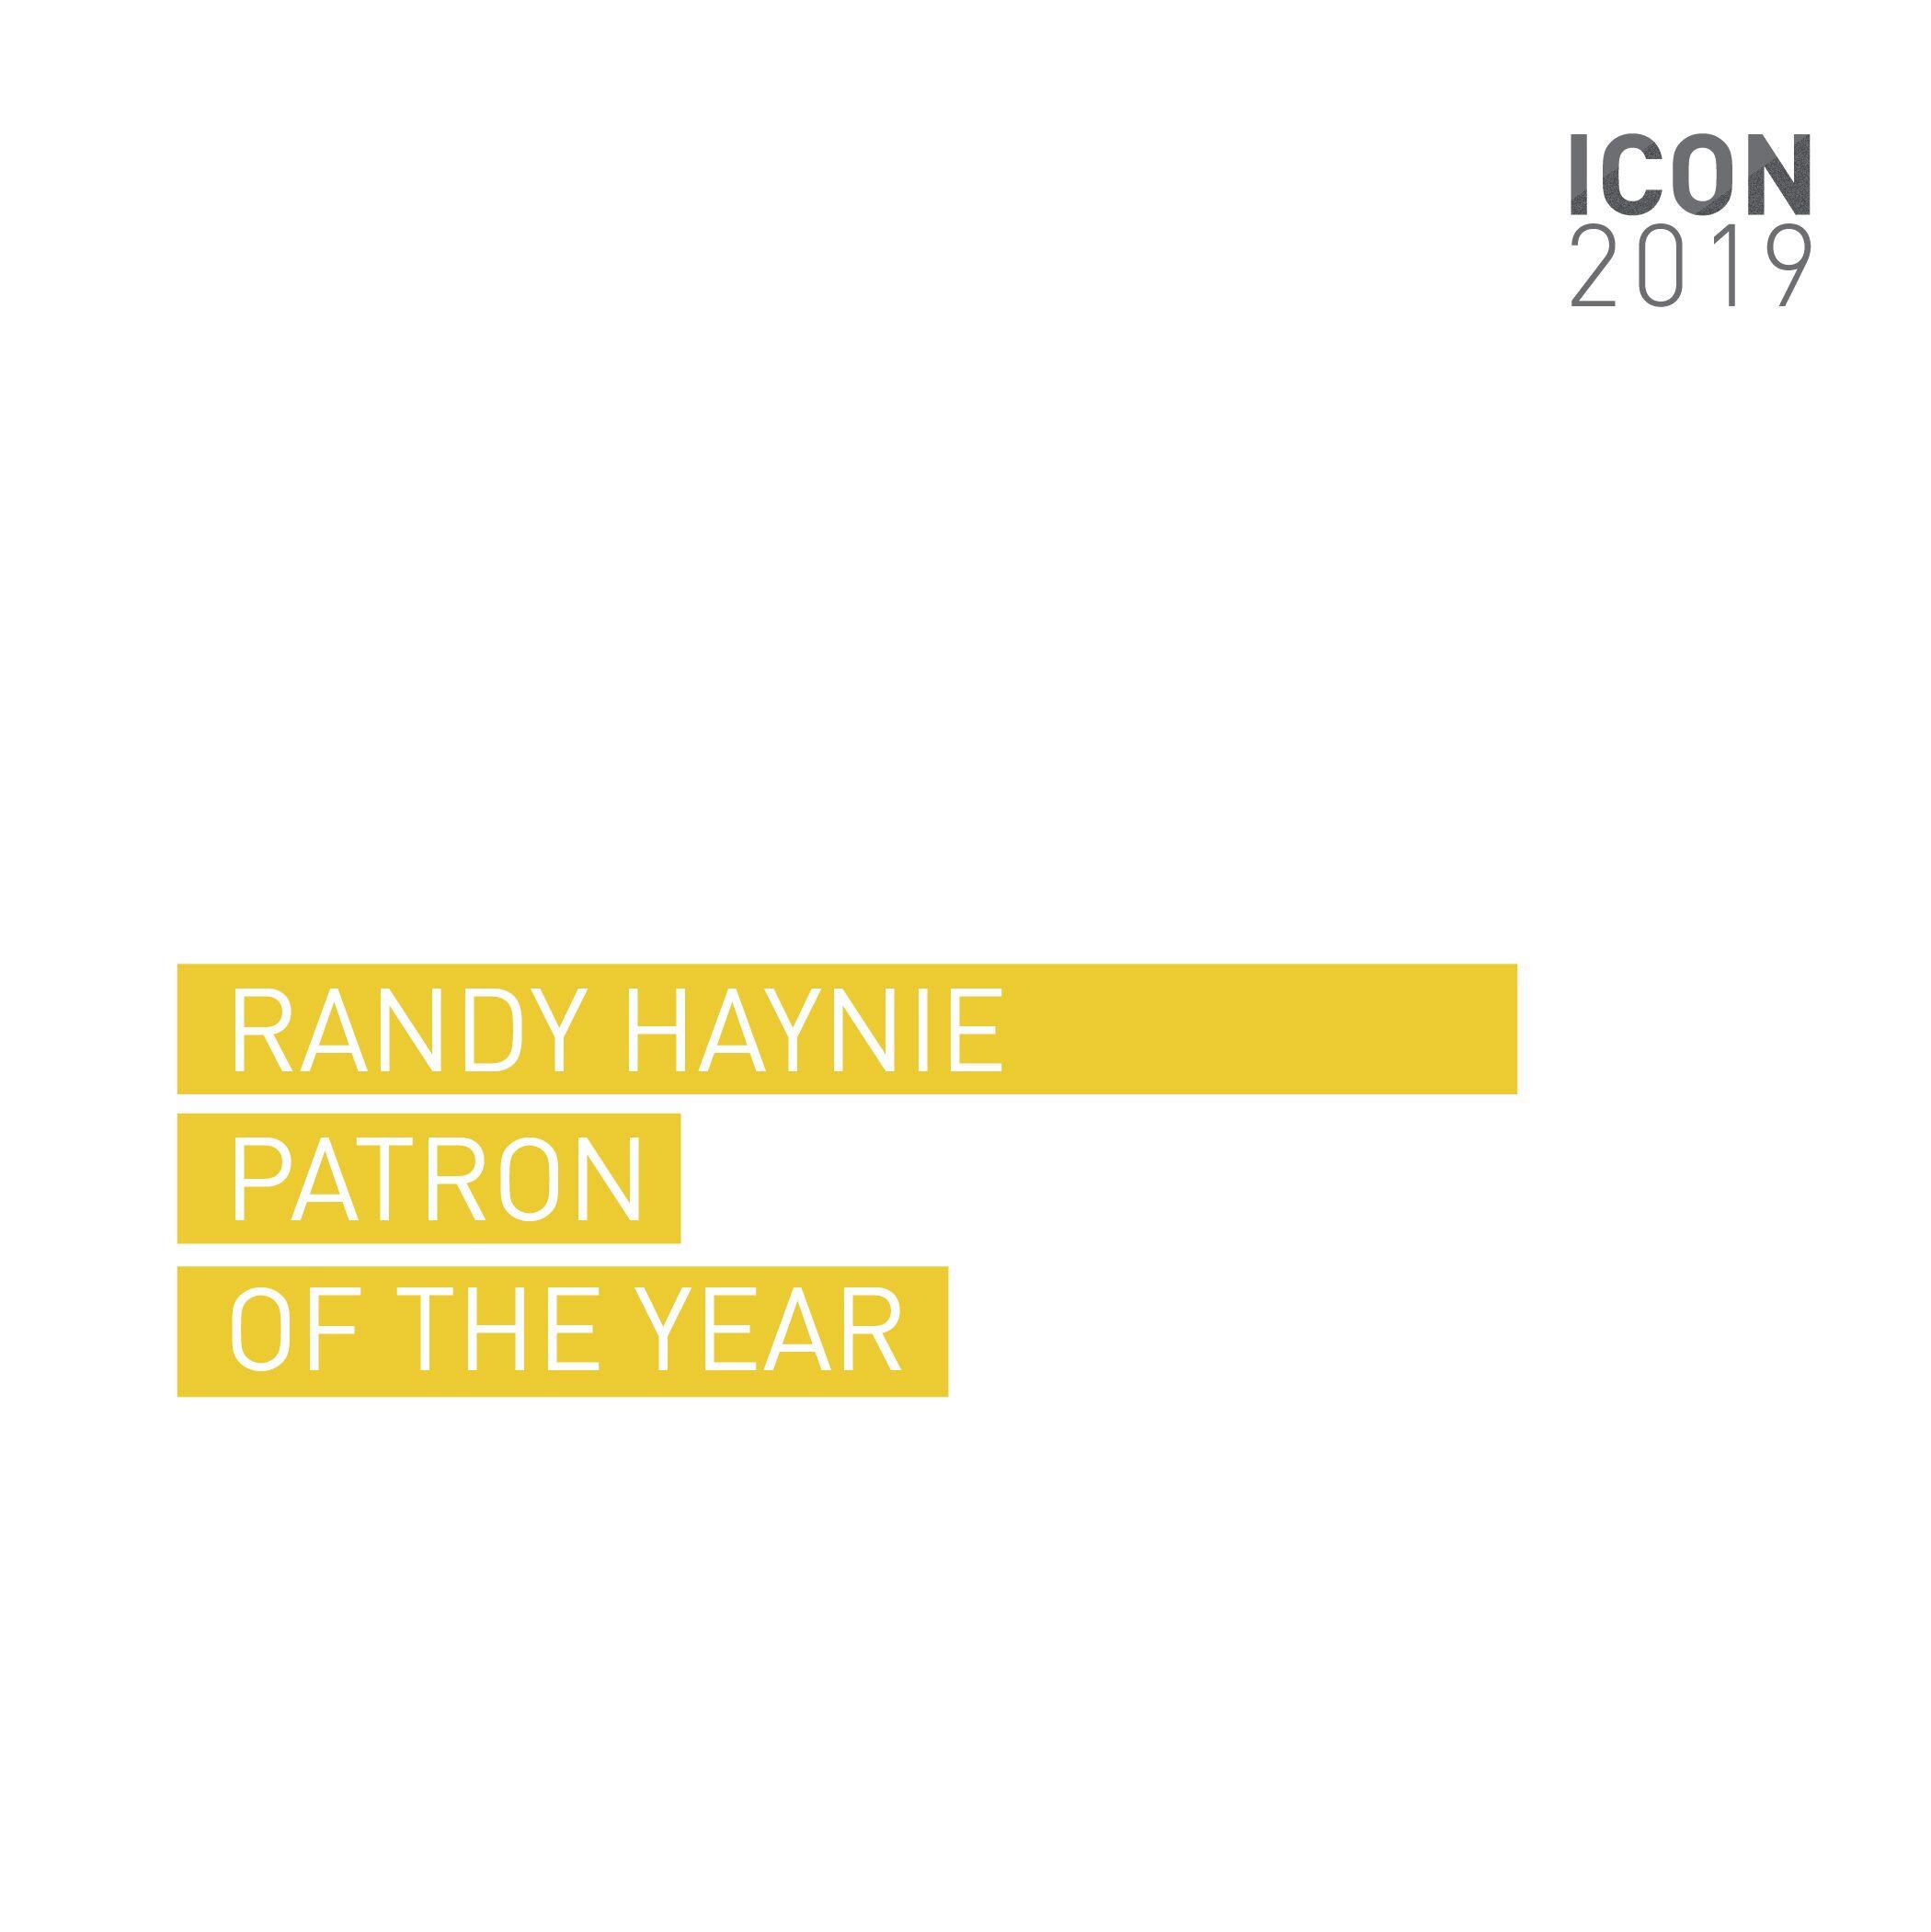 Randy Haynie.jpeg